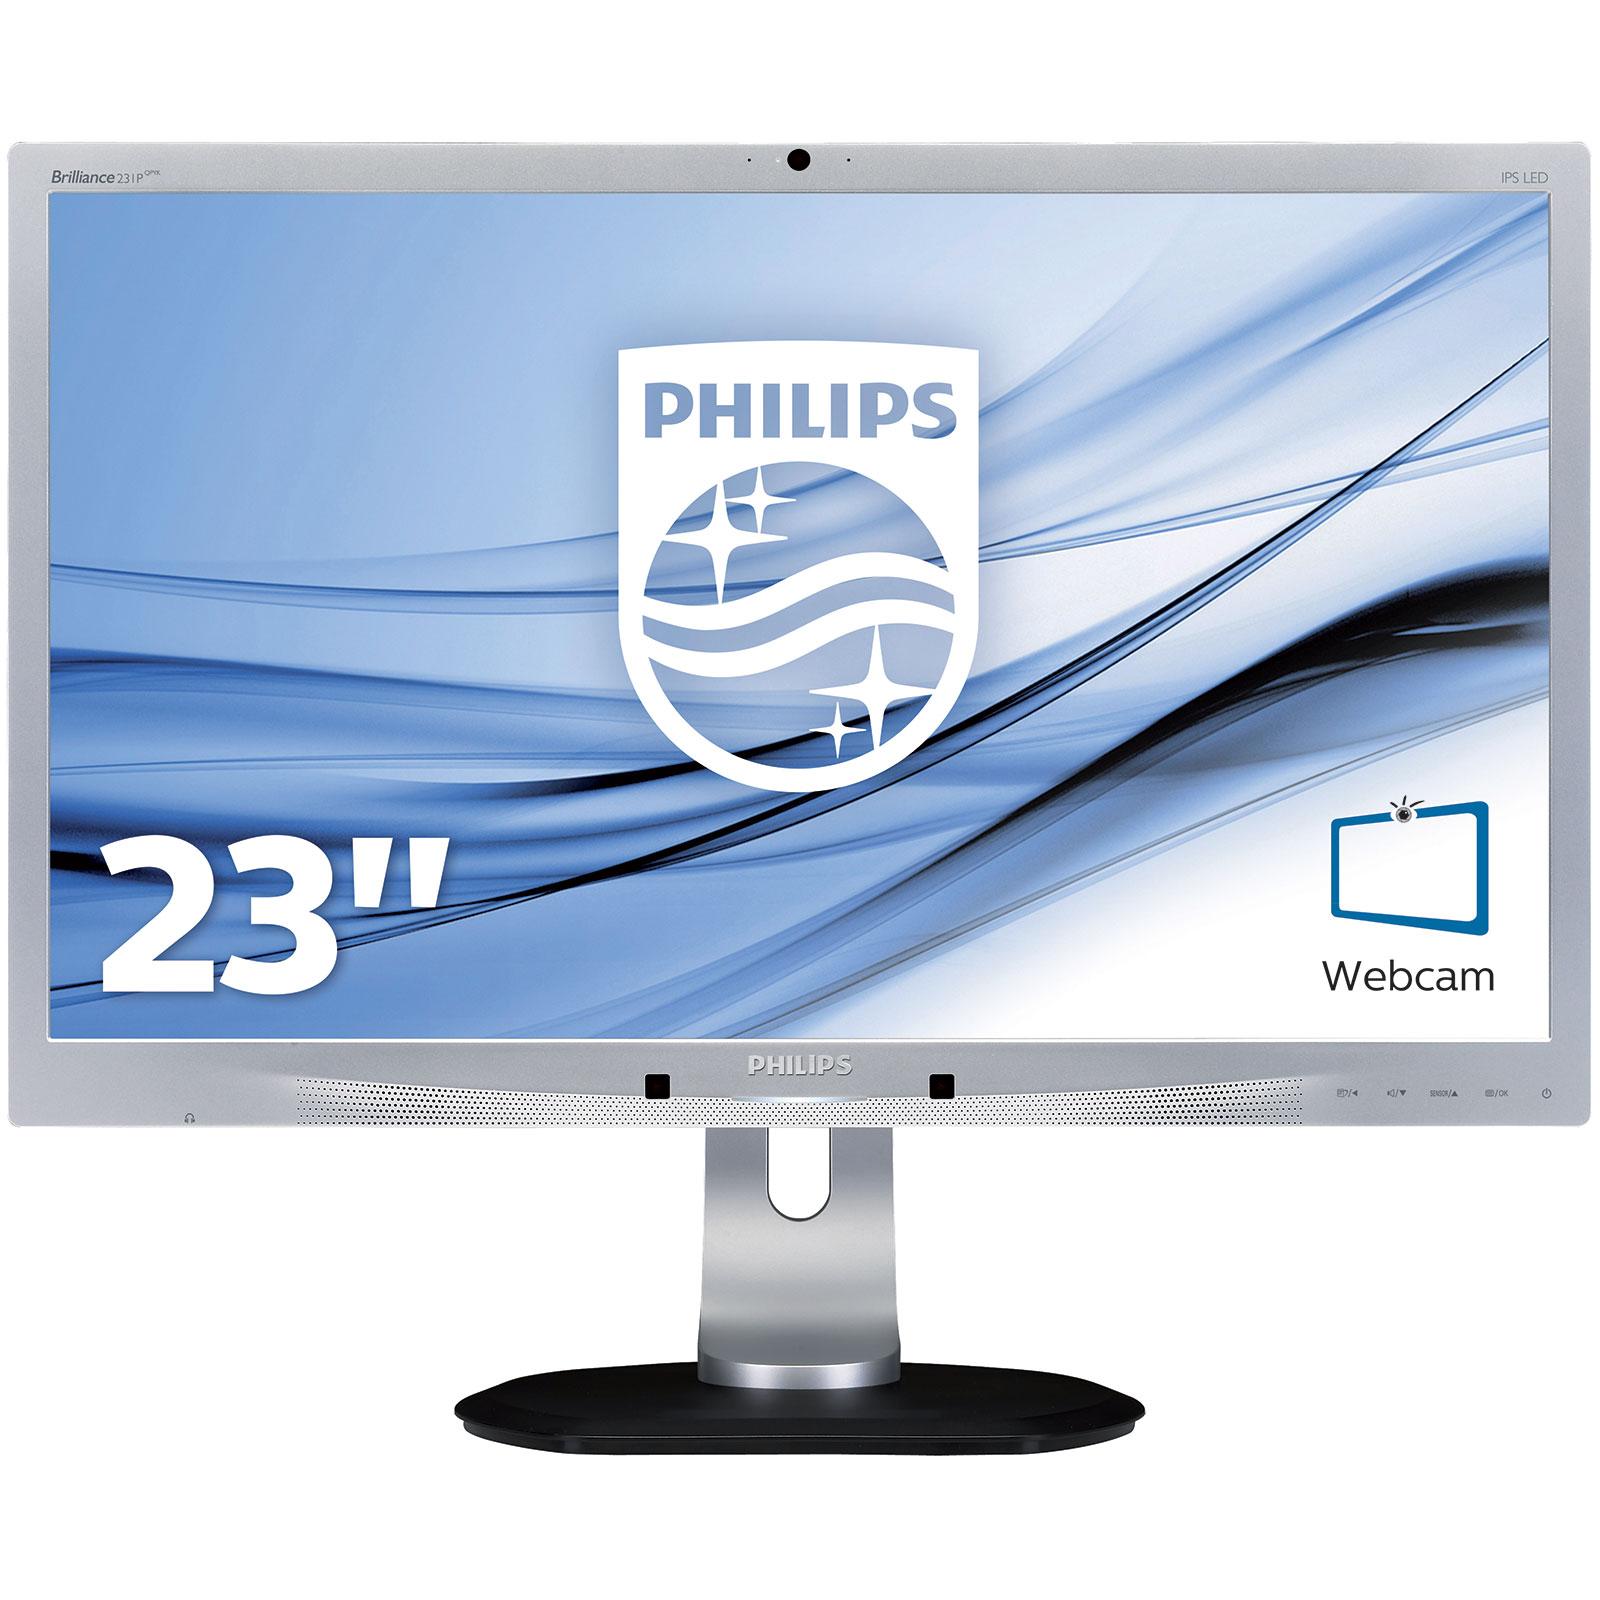 philips 23 led 231p4qpykes ecran pc philips sur ldlc. Black Bedroom Furniture Sets. Home Design Ideas